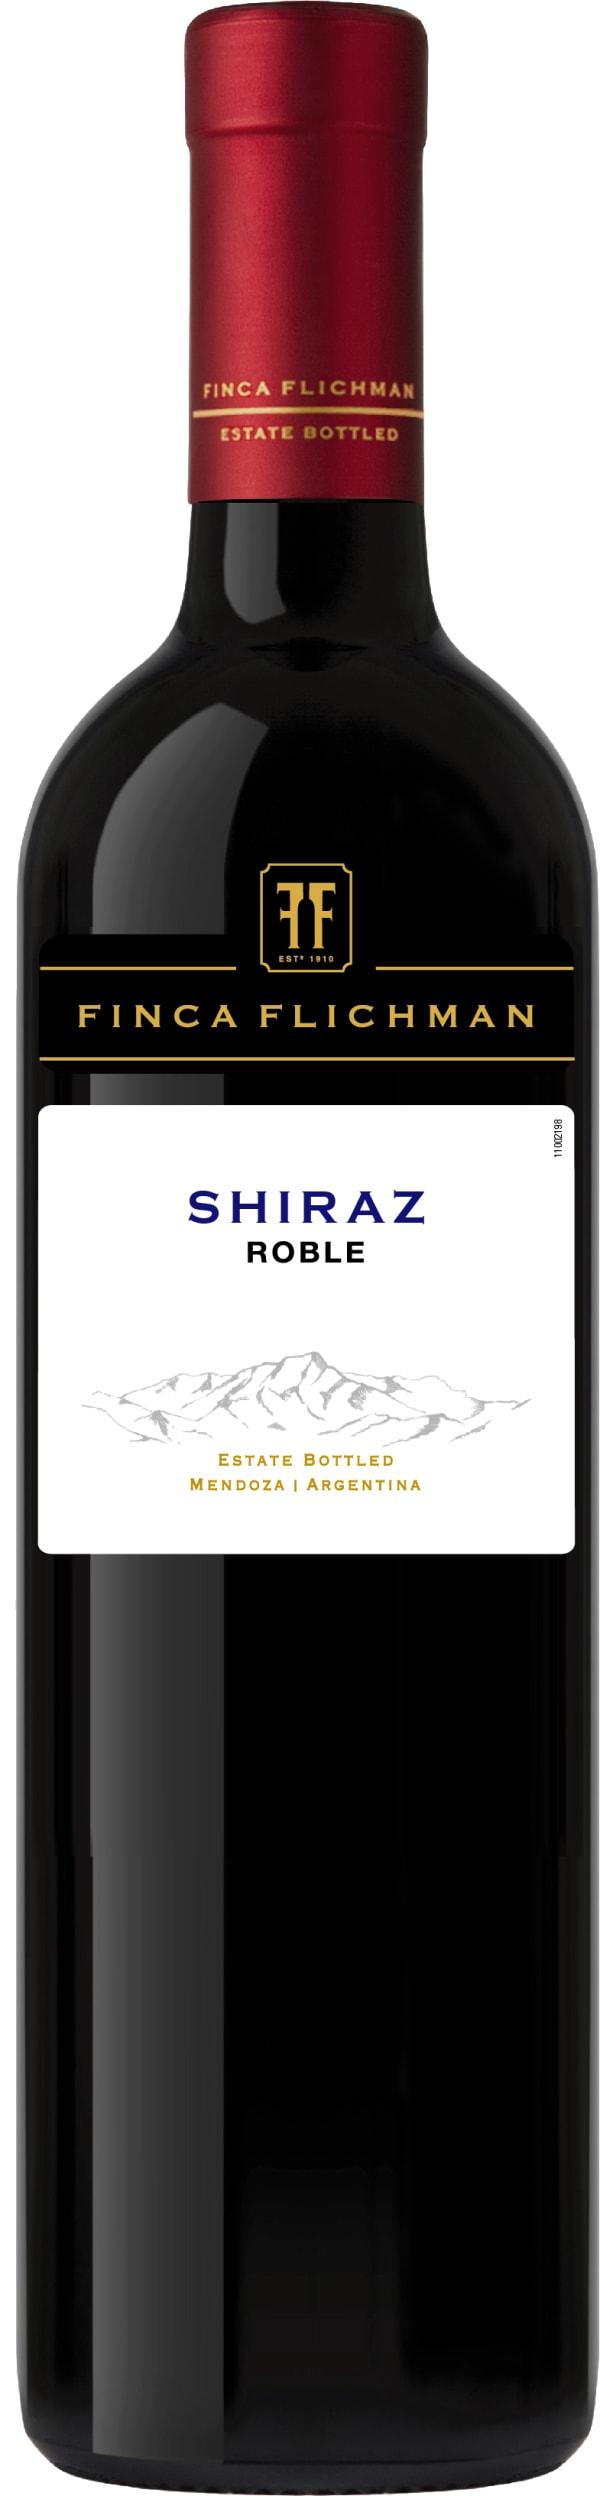 Finca Flichman Shiraz Roble 2015